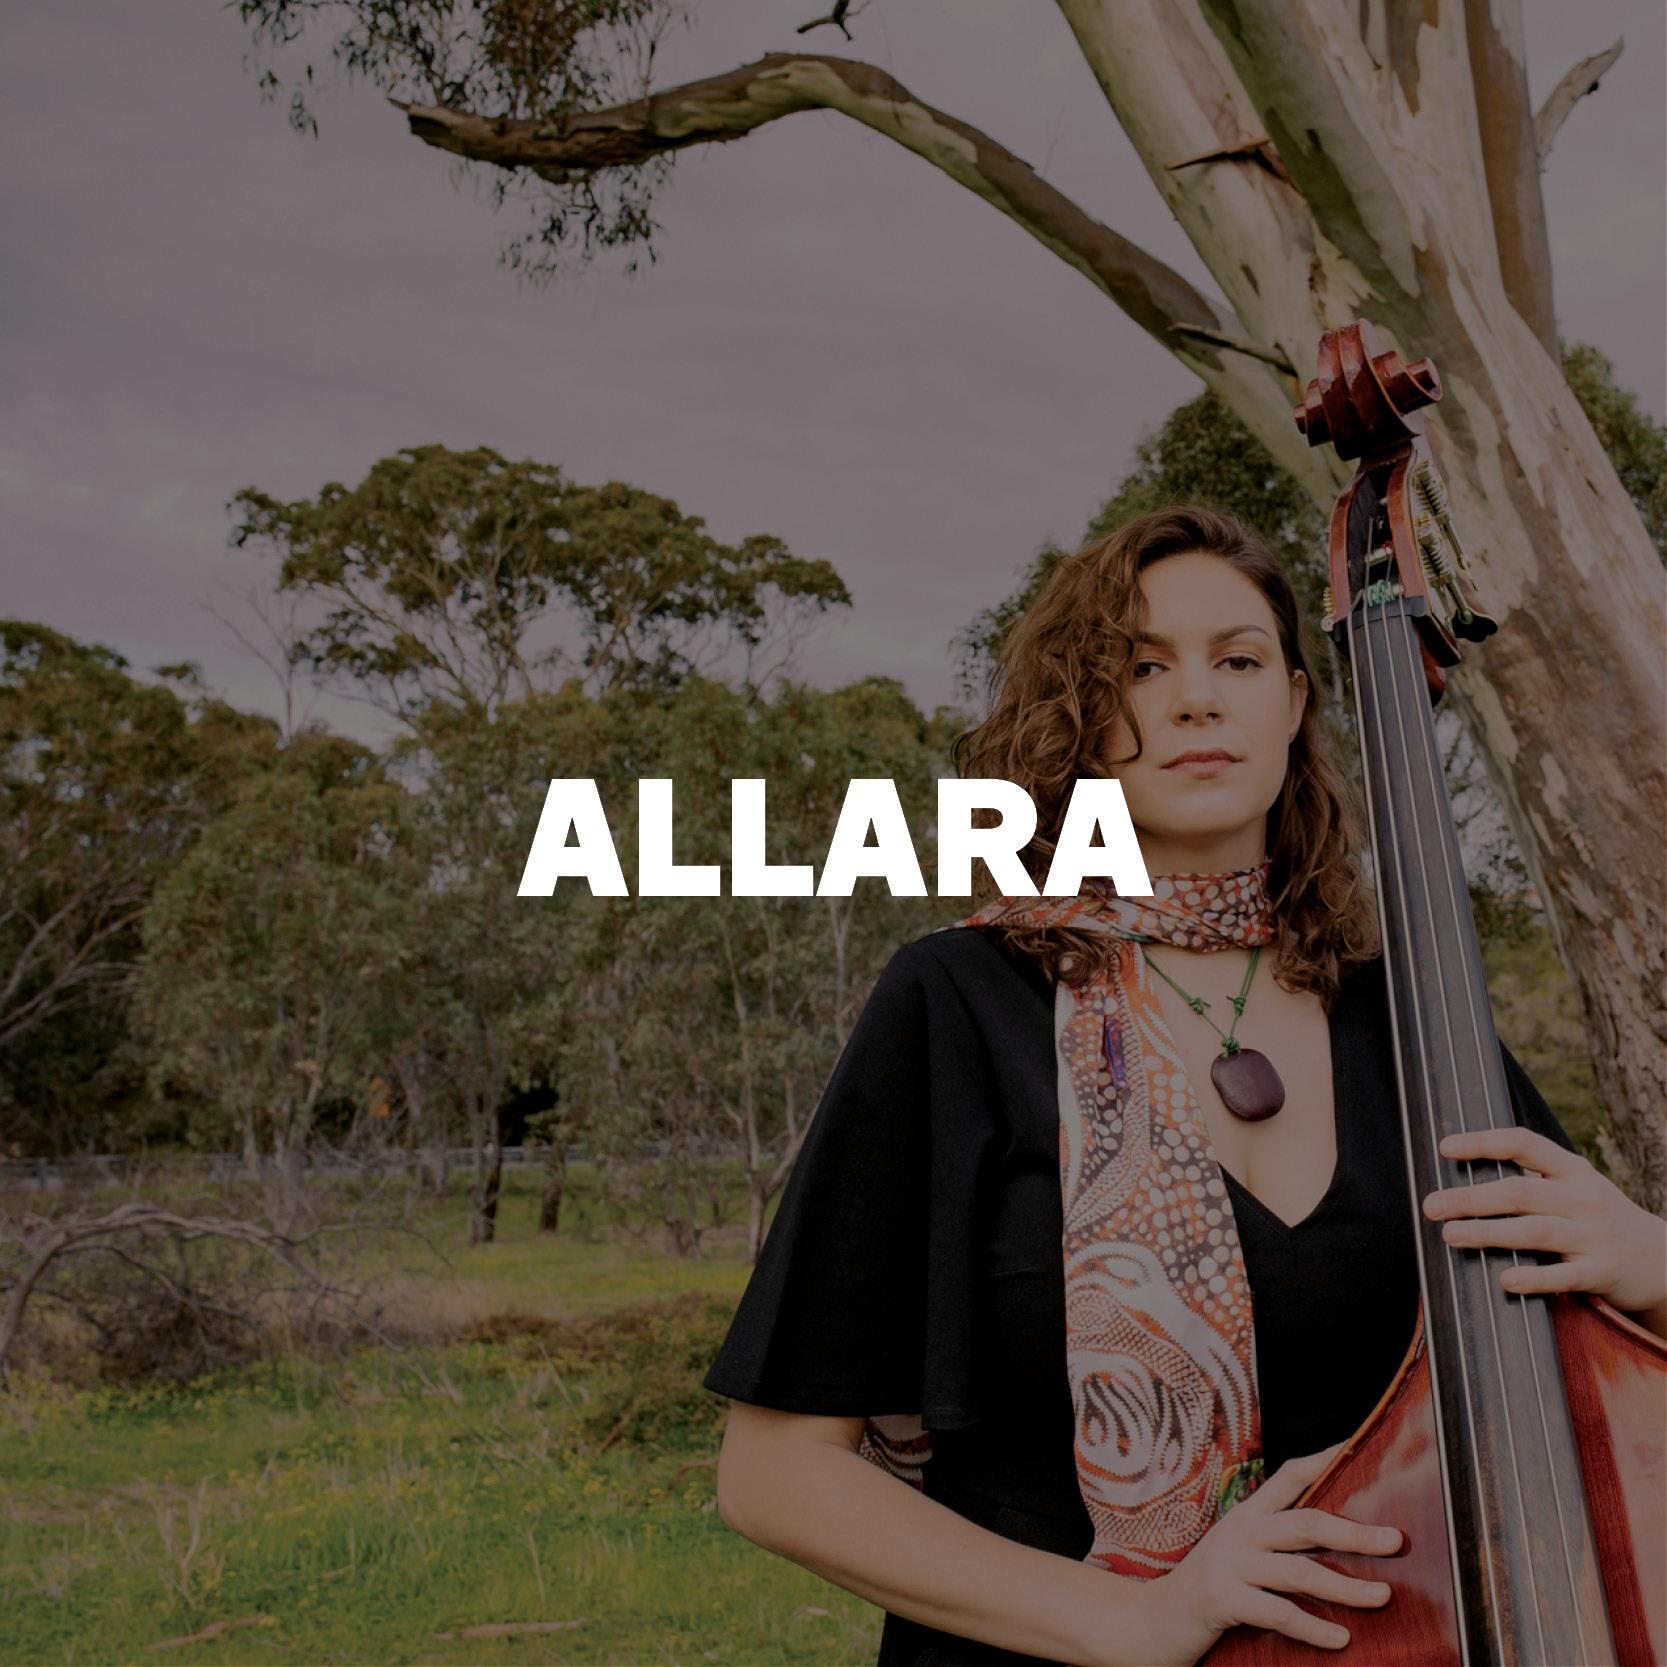 ALLARA